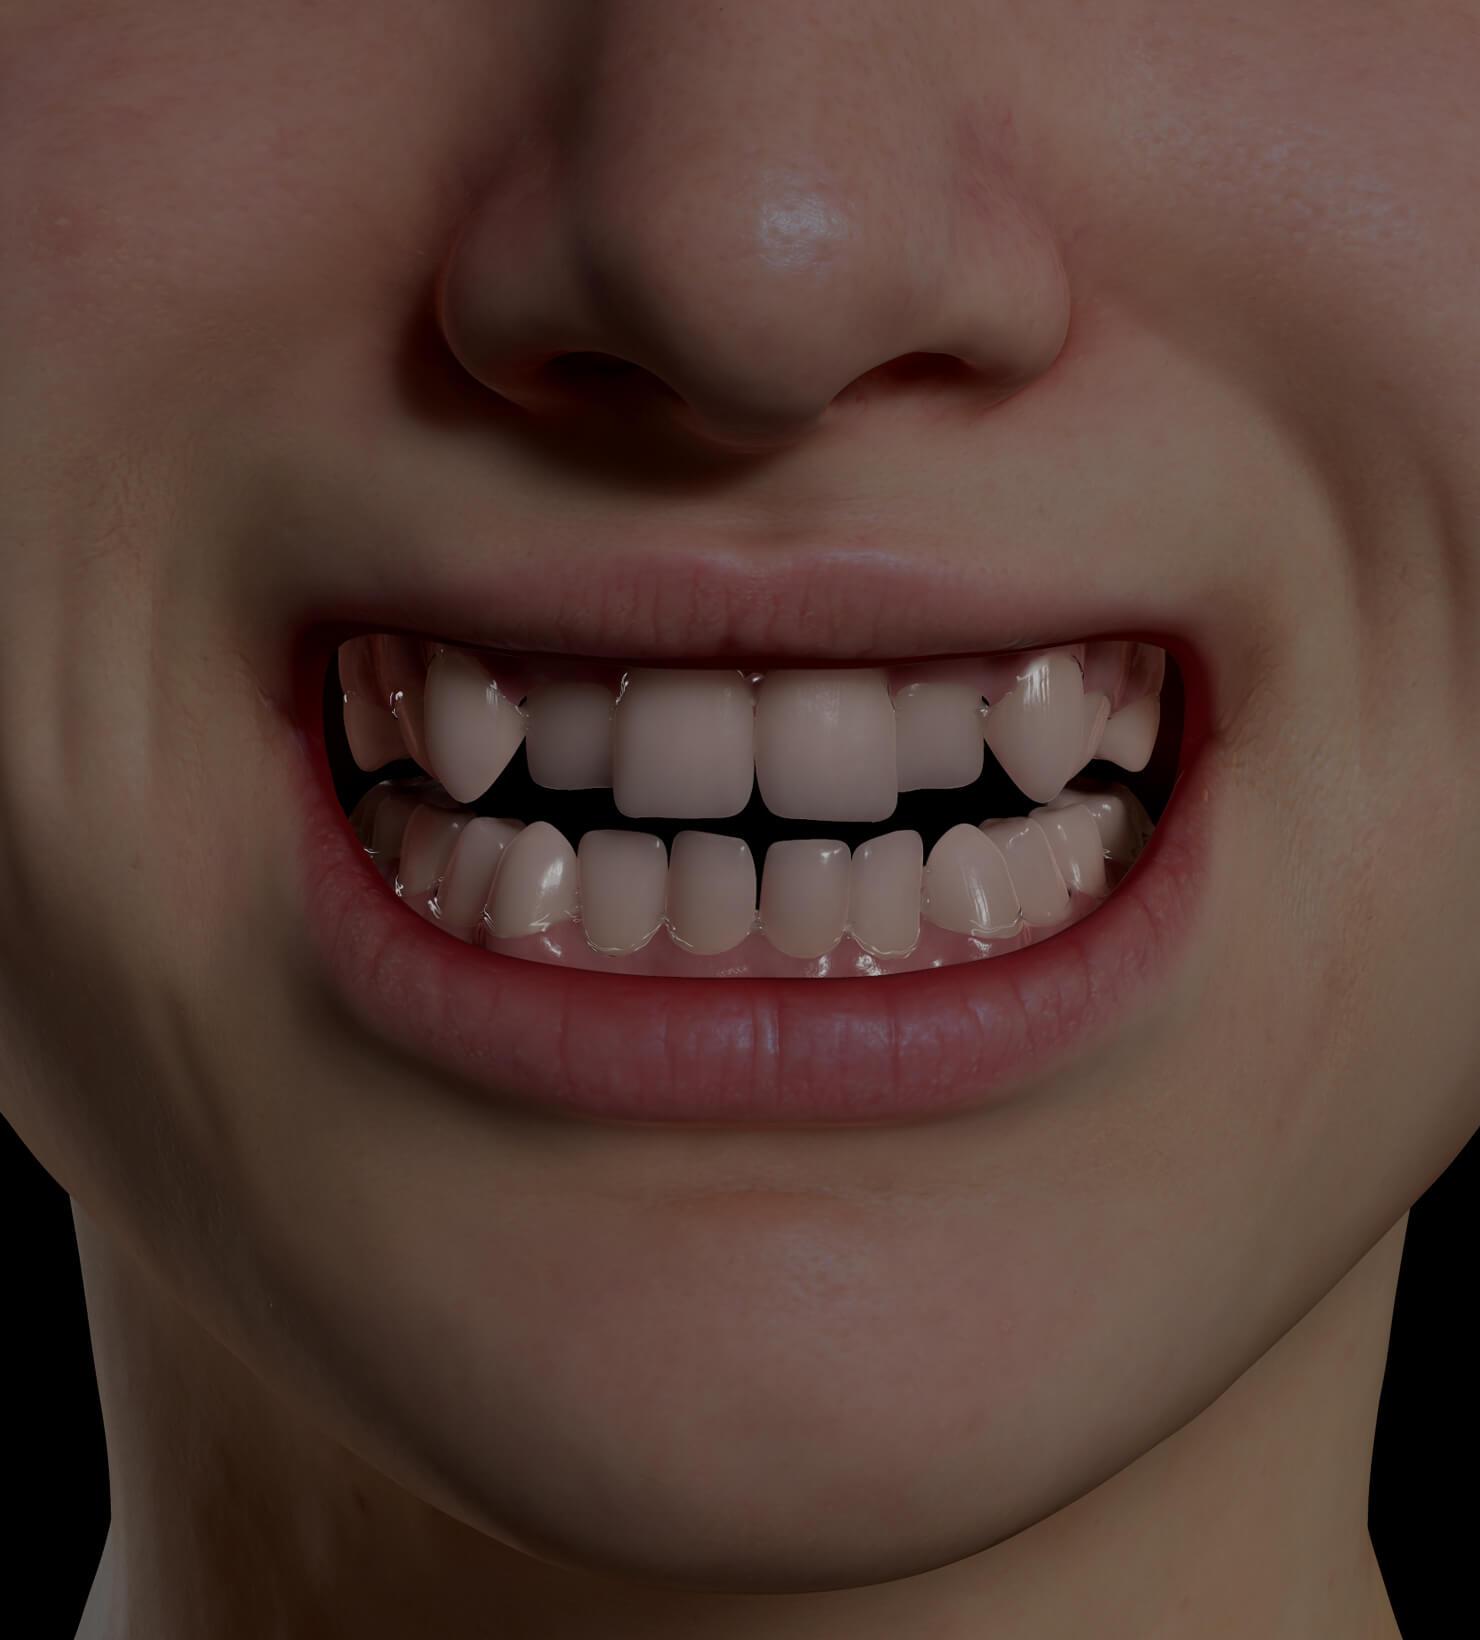 Patient de la Clinique Chloé avec les dents croches s'apprêtant à recevoir des aligneurs invisibles Invisalign